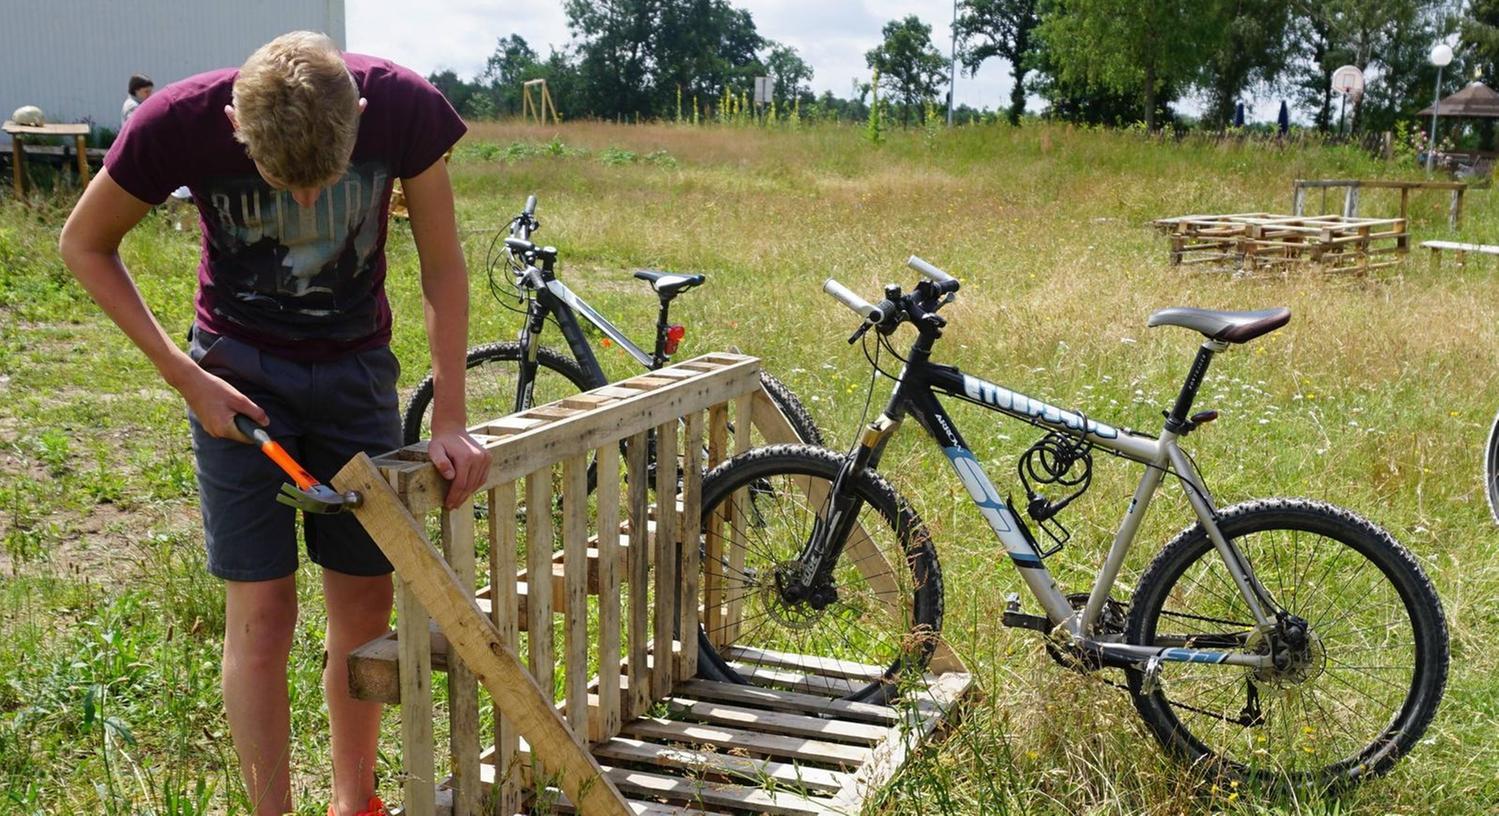 Die Schüler fahren immer mit dem Rad zum Grundstück. Für die Räder baut Tim heute einen Fahrradständer aus alten Paletten, . . .